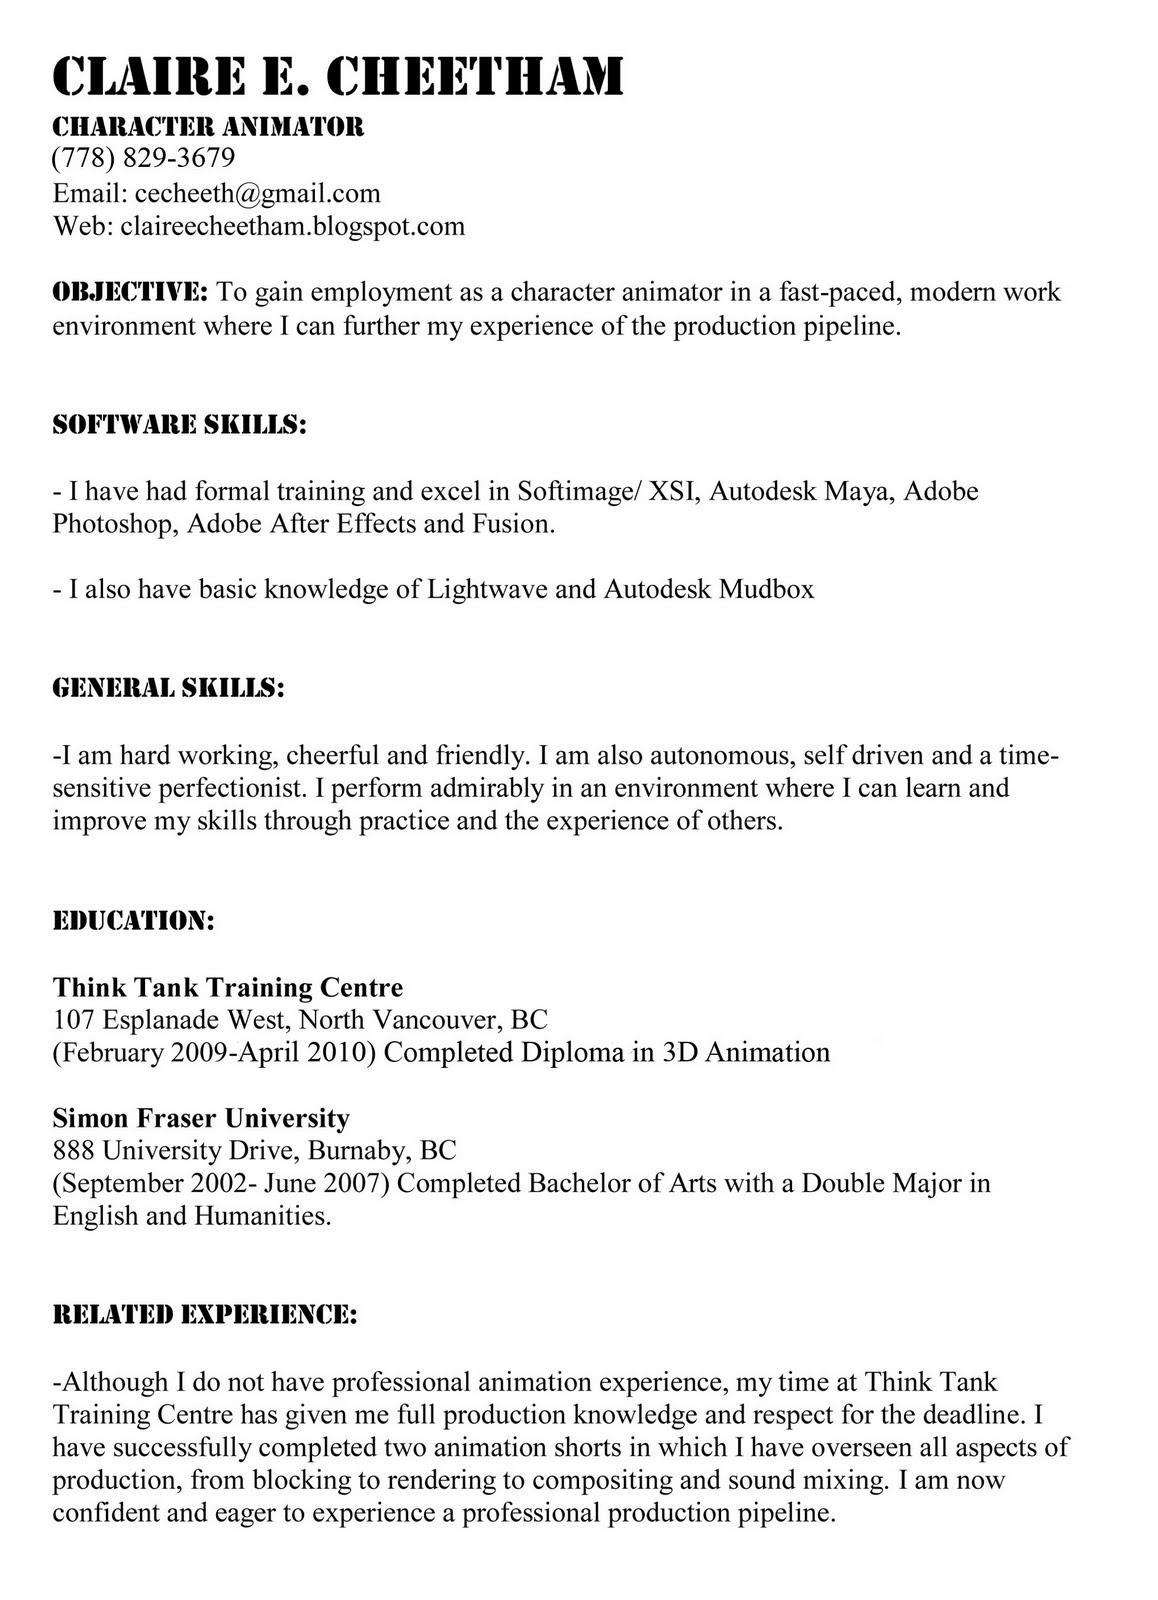 3d Character Animator Sample Resume scenic carpenter sample resume ...